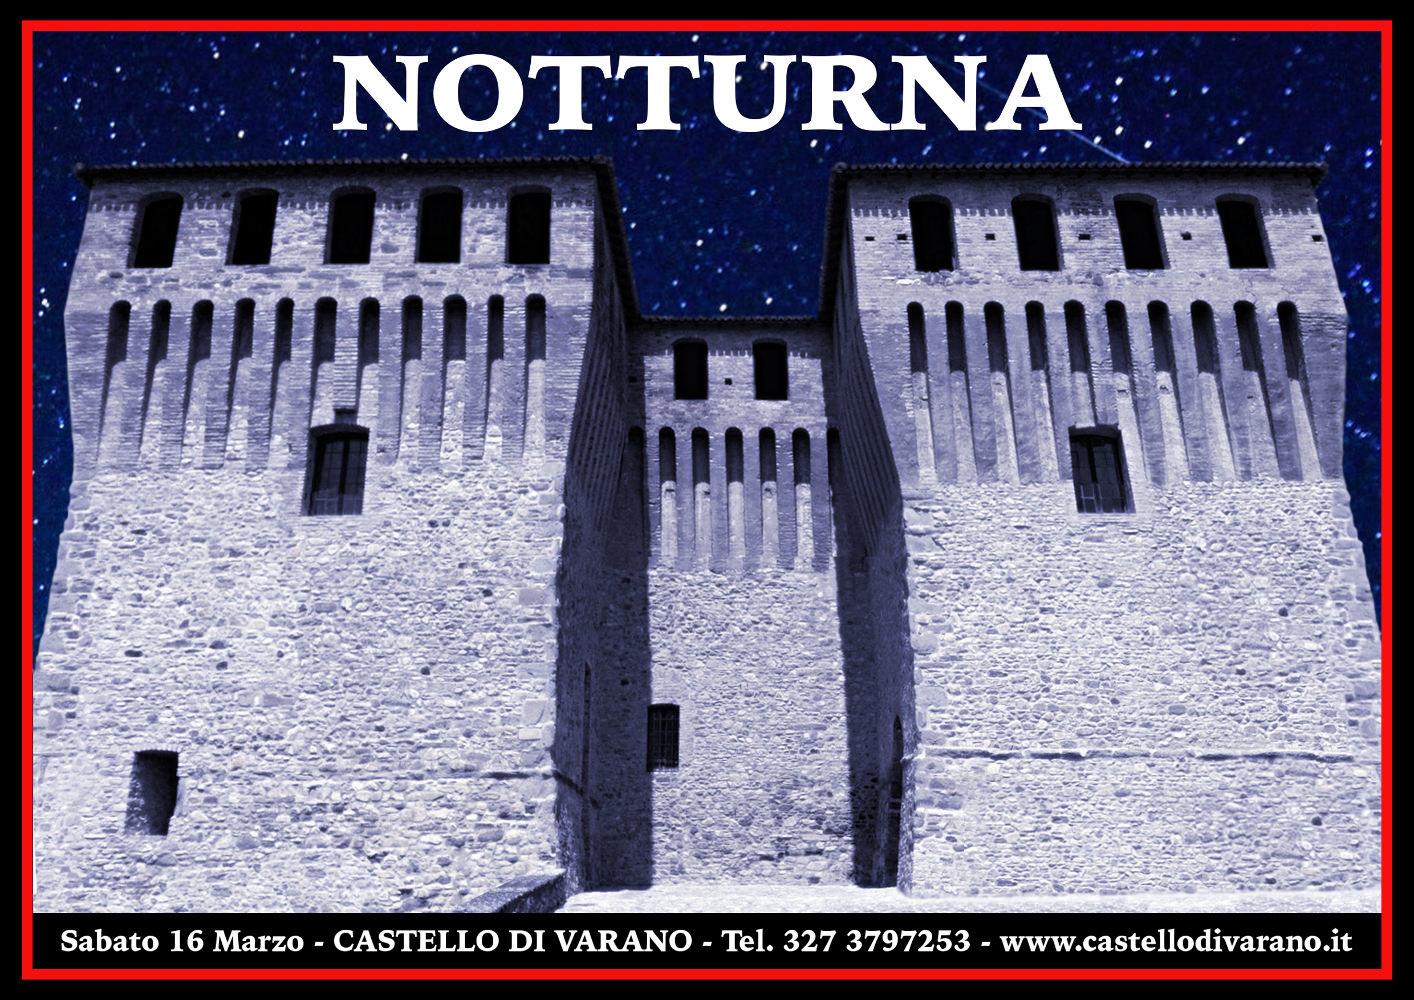 CASTELLO IN NOTTURNA, visita guidata al Castello Pallavicino